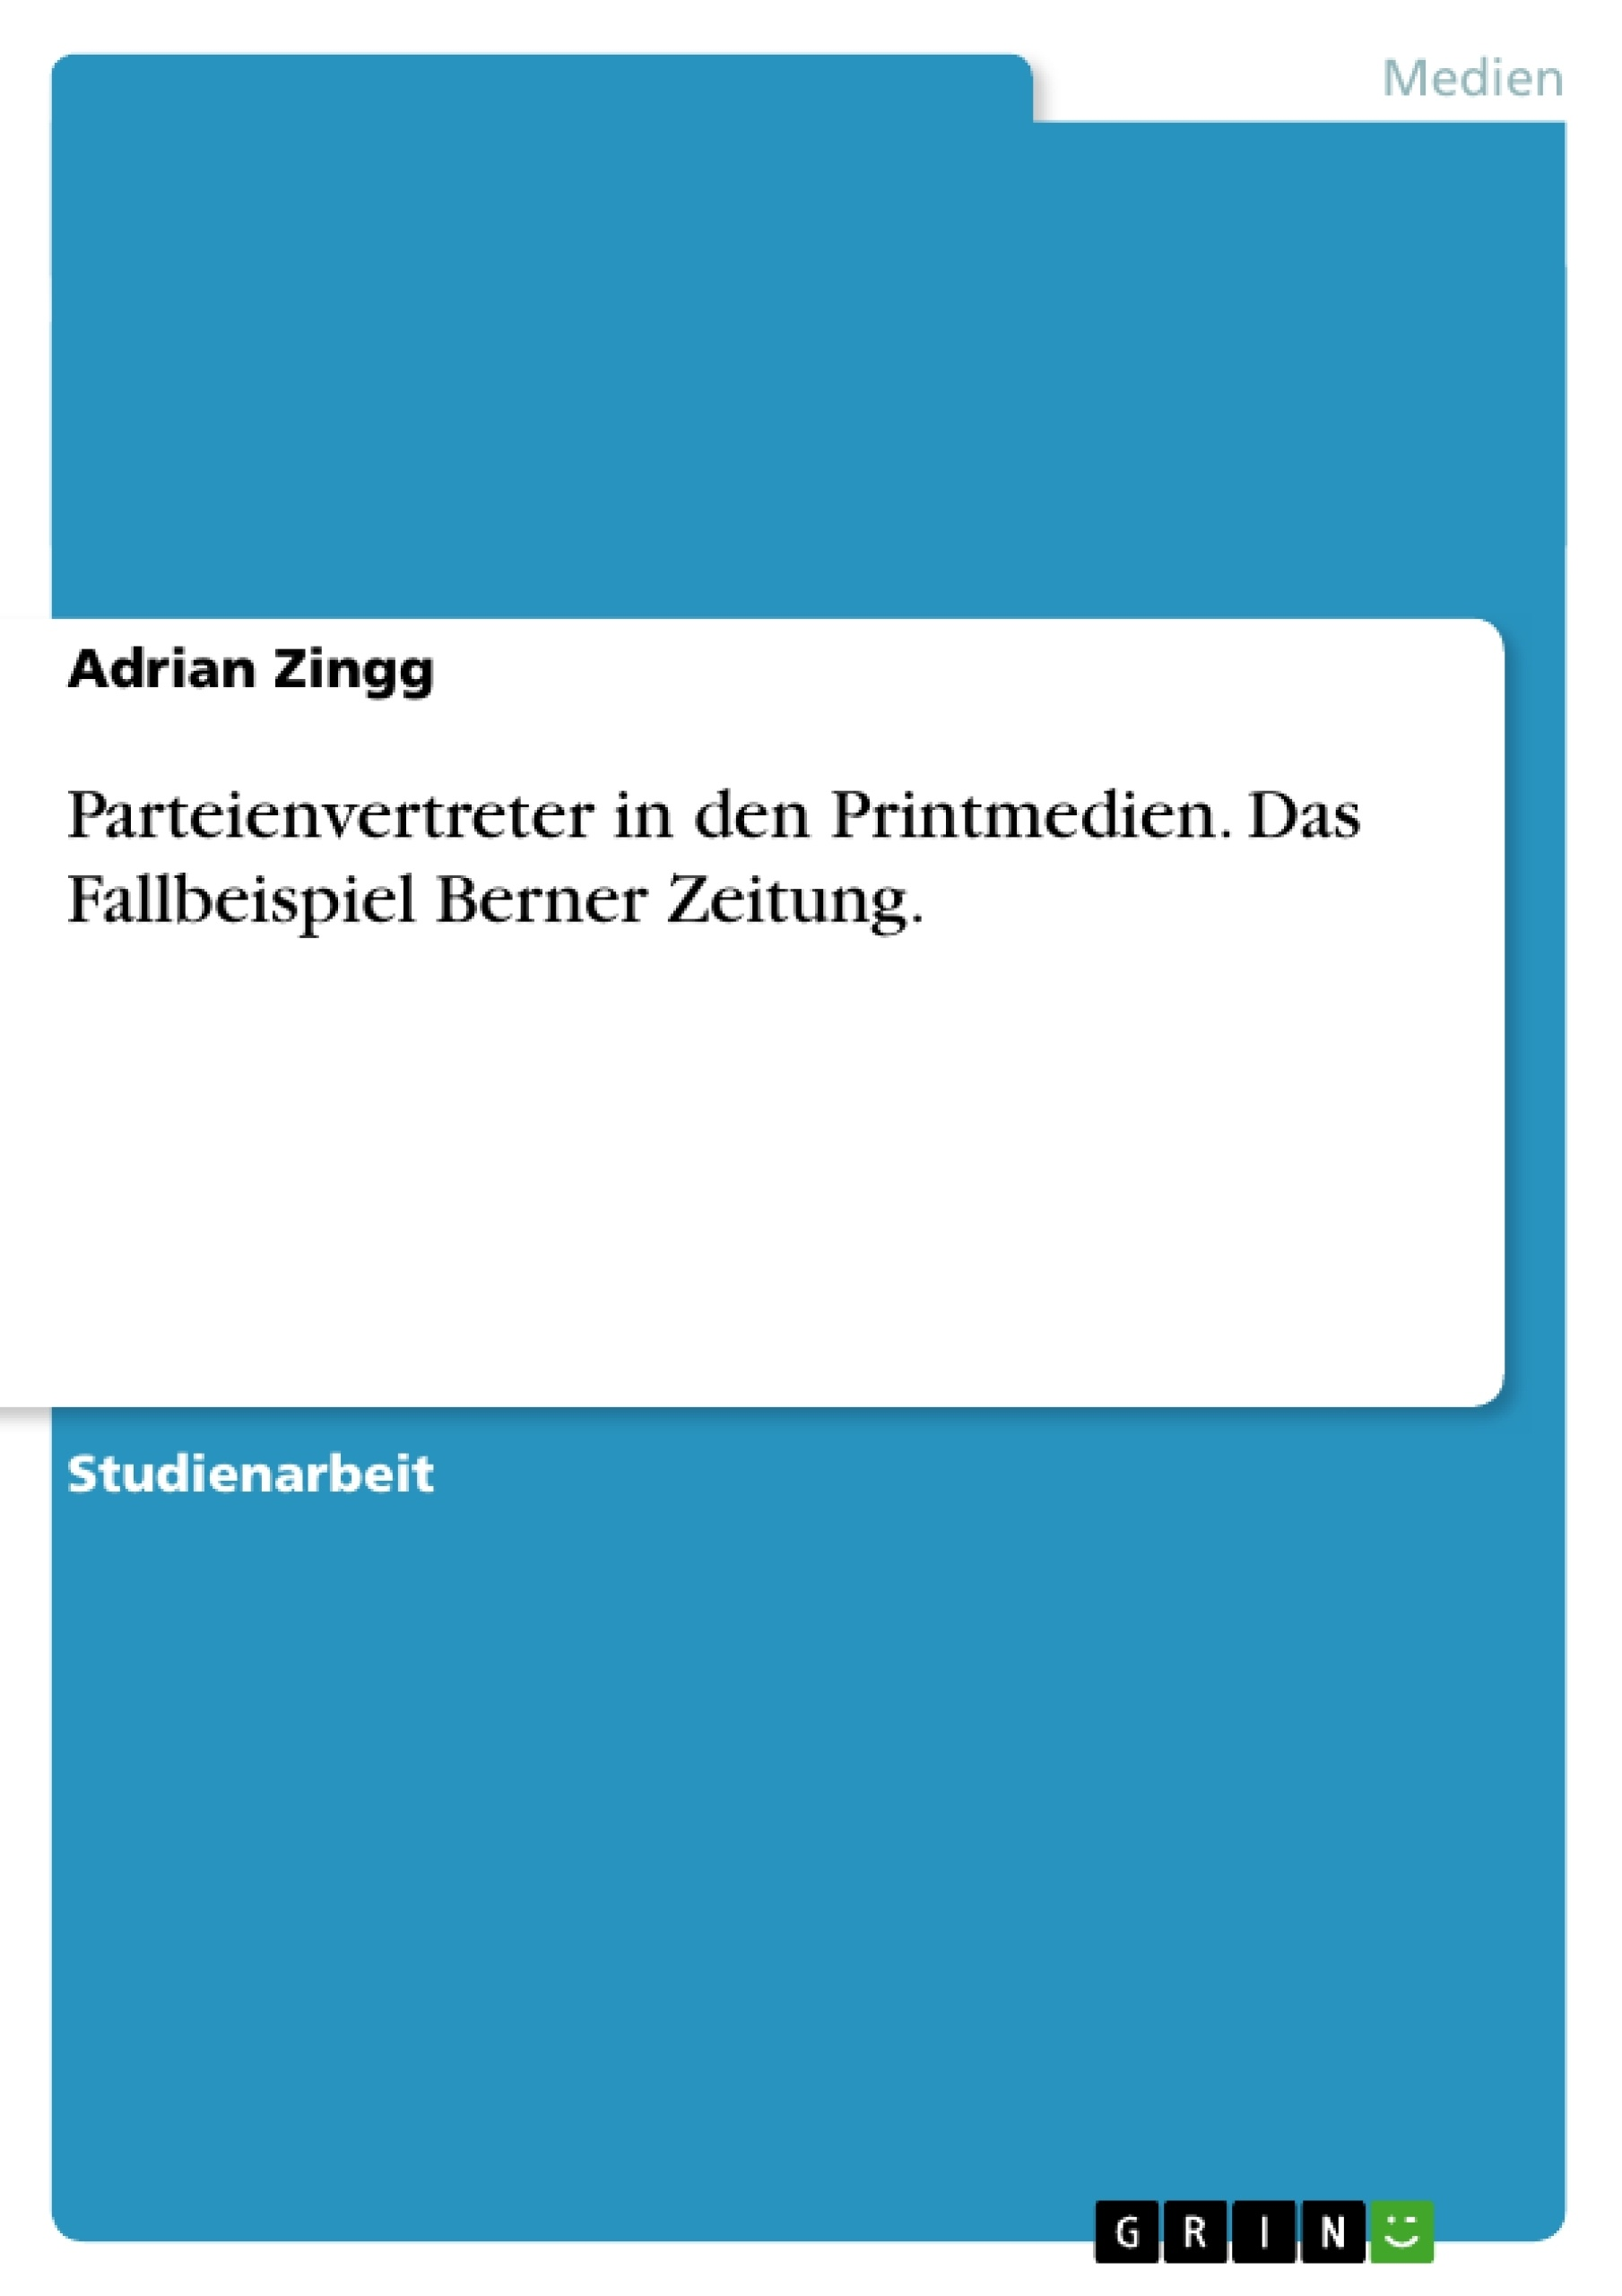 Titel: Parteienvertreter in den Printmedien. Das Fallbeispiel Berner Zeitung.